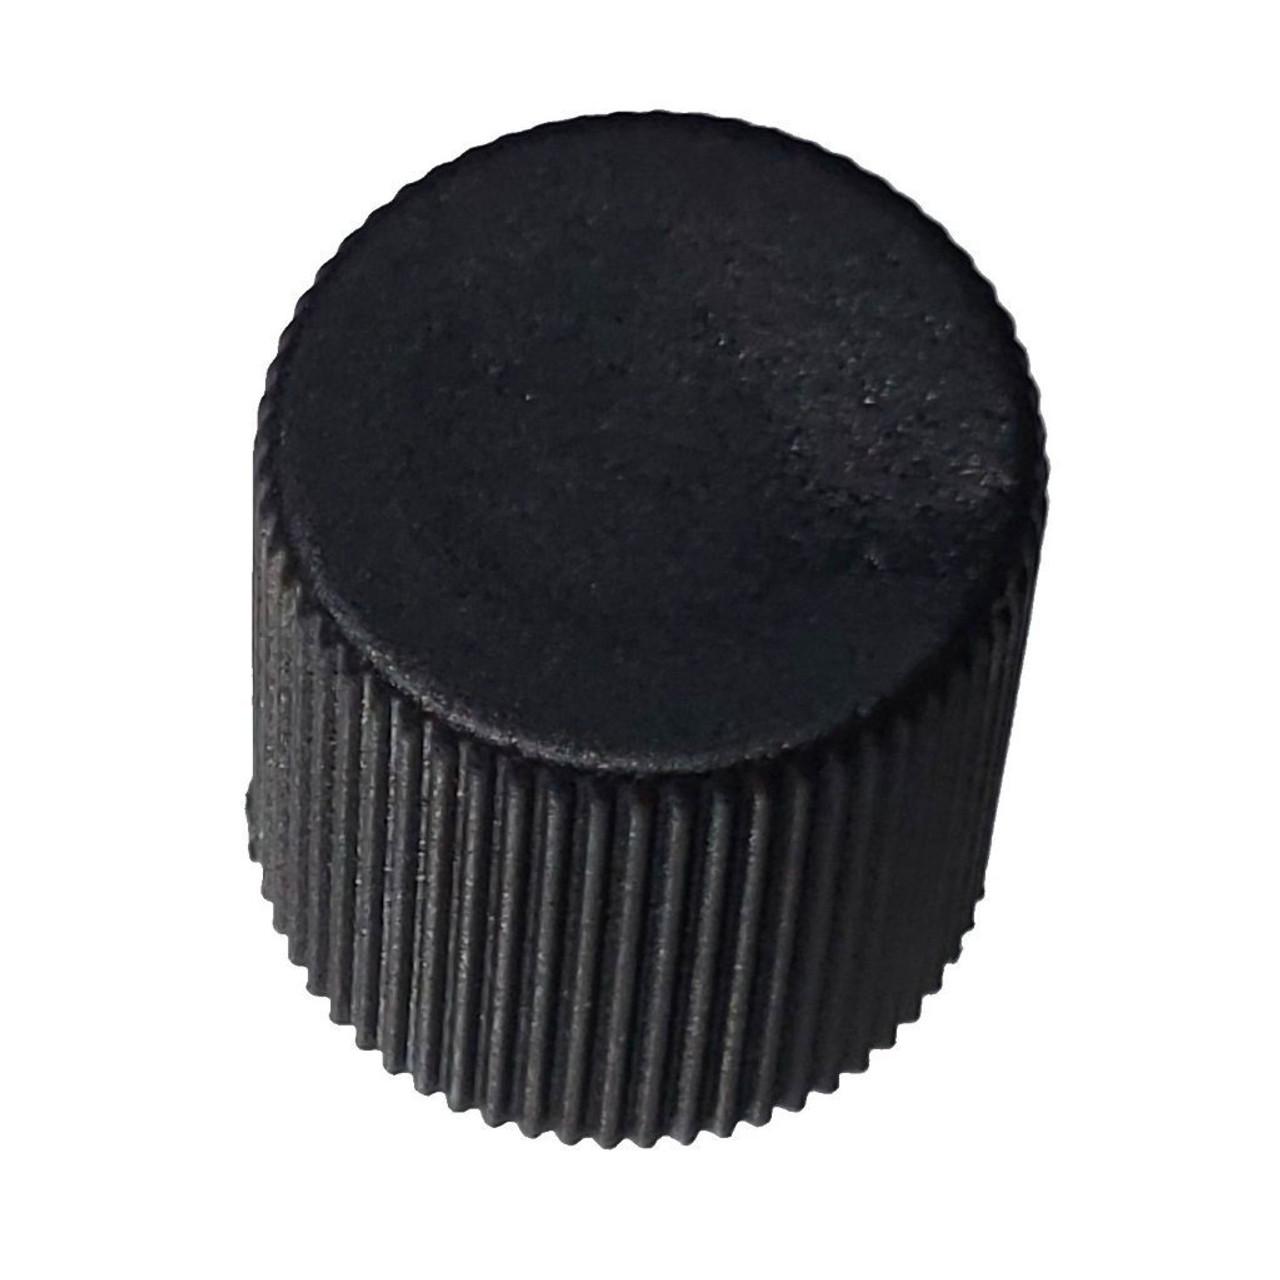 AC Service Cap - Black High Side M10x0.75 - Interchanges: MT0068, 59938